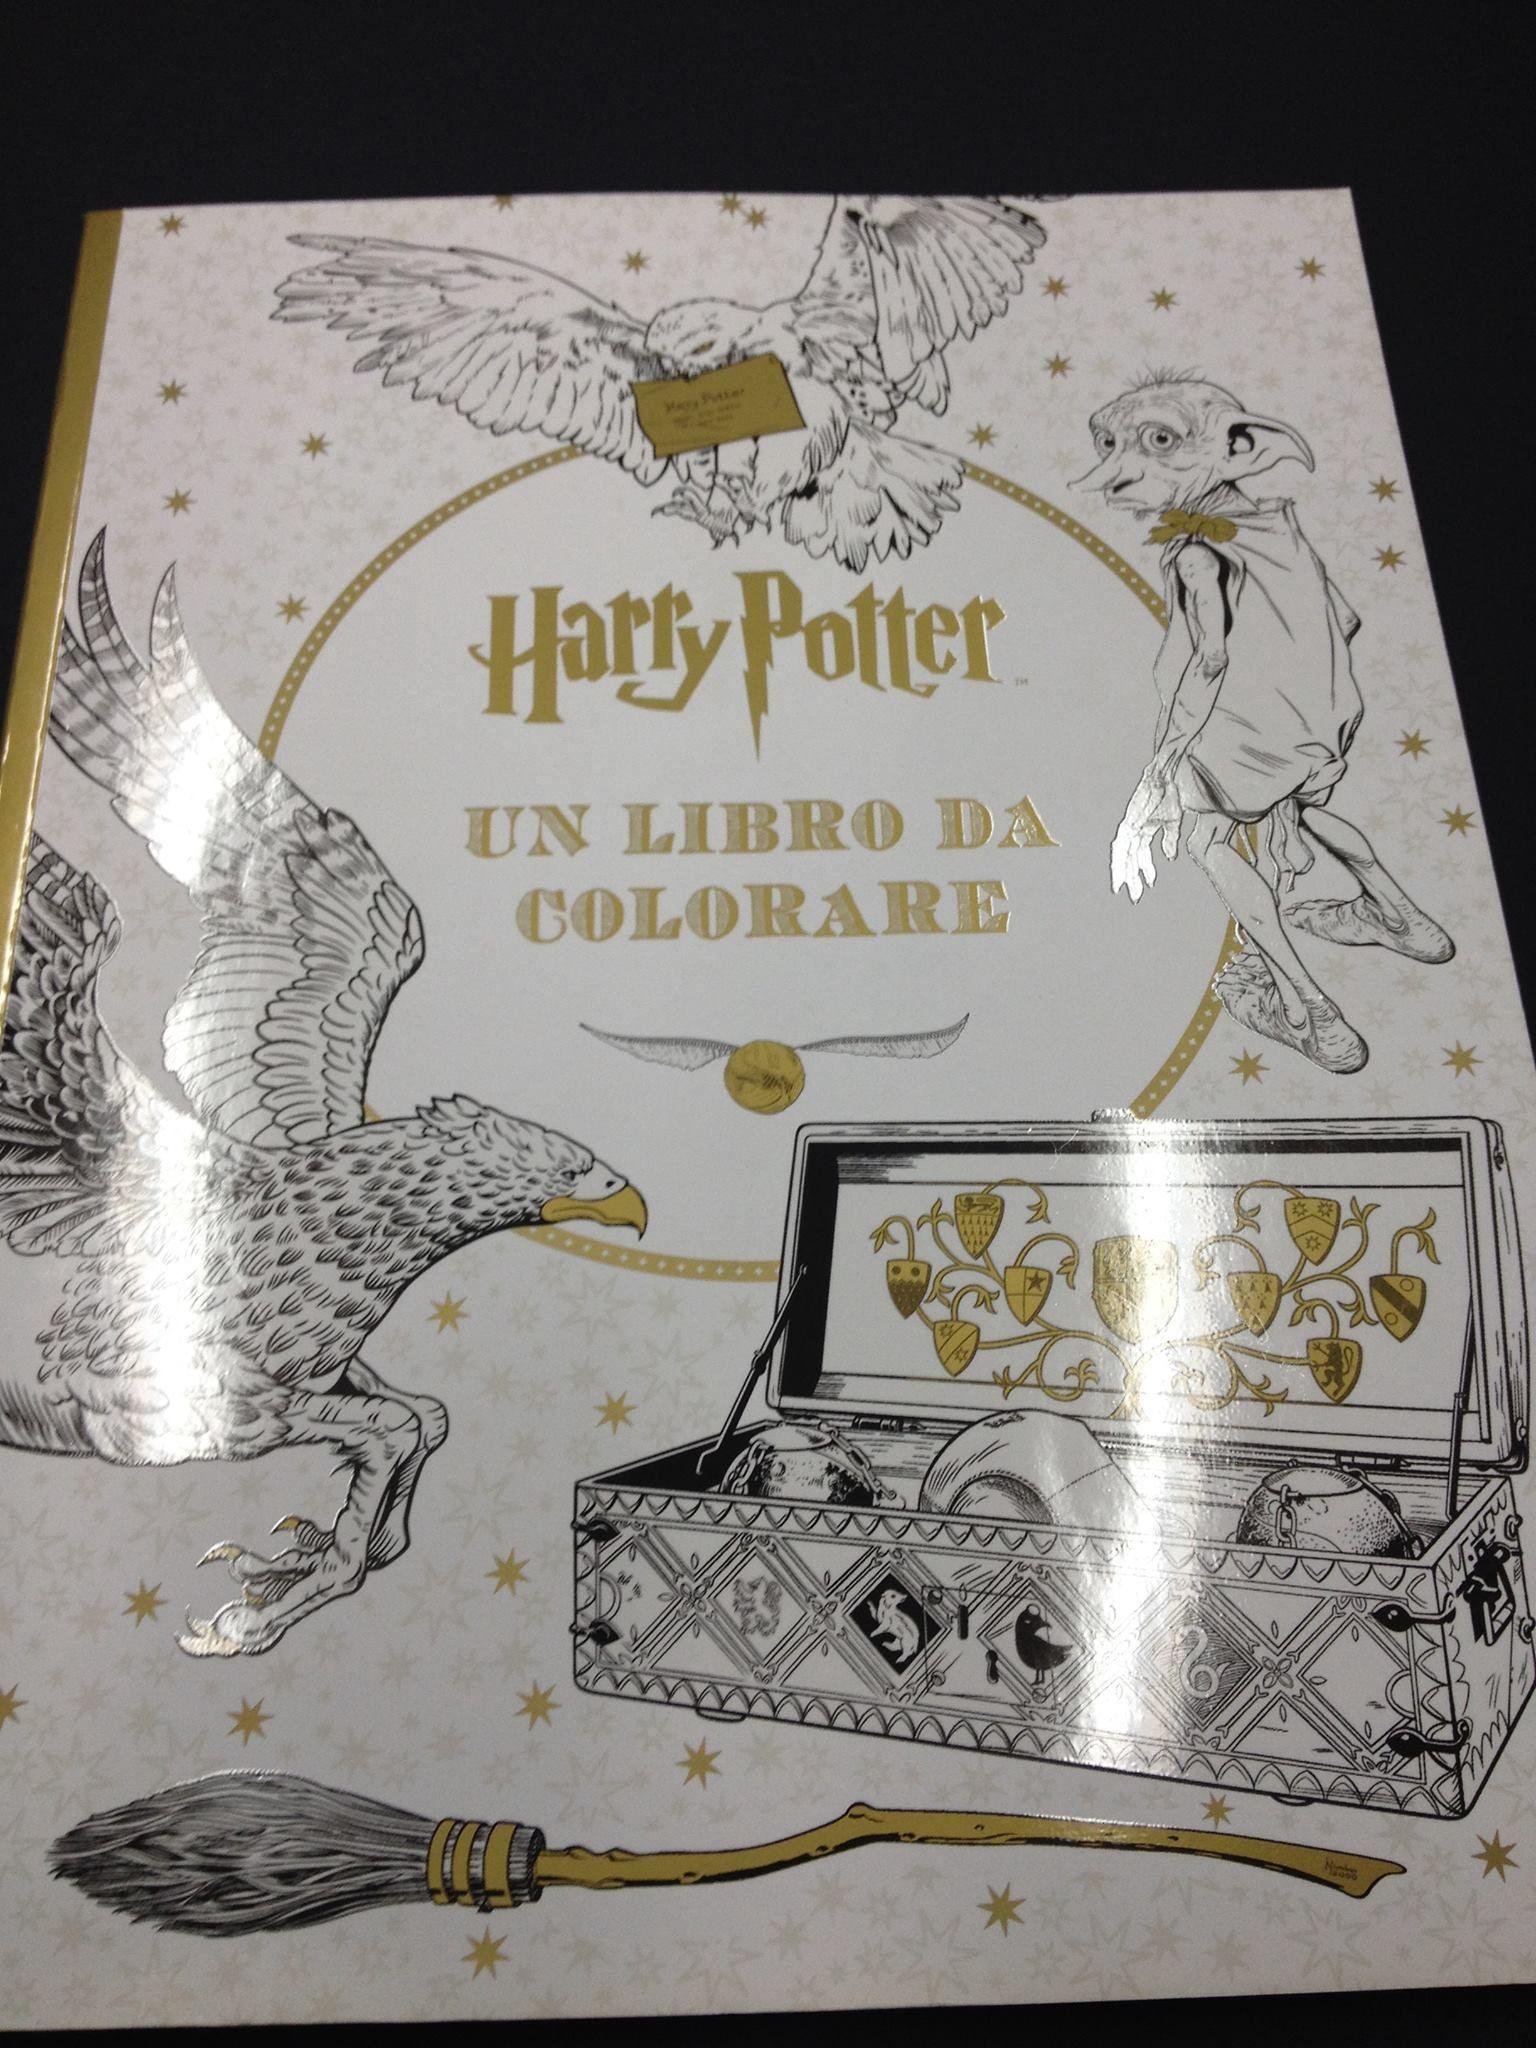 Harry Potter Un Libro Da Colorare Arttherapy Colourtherapy